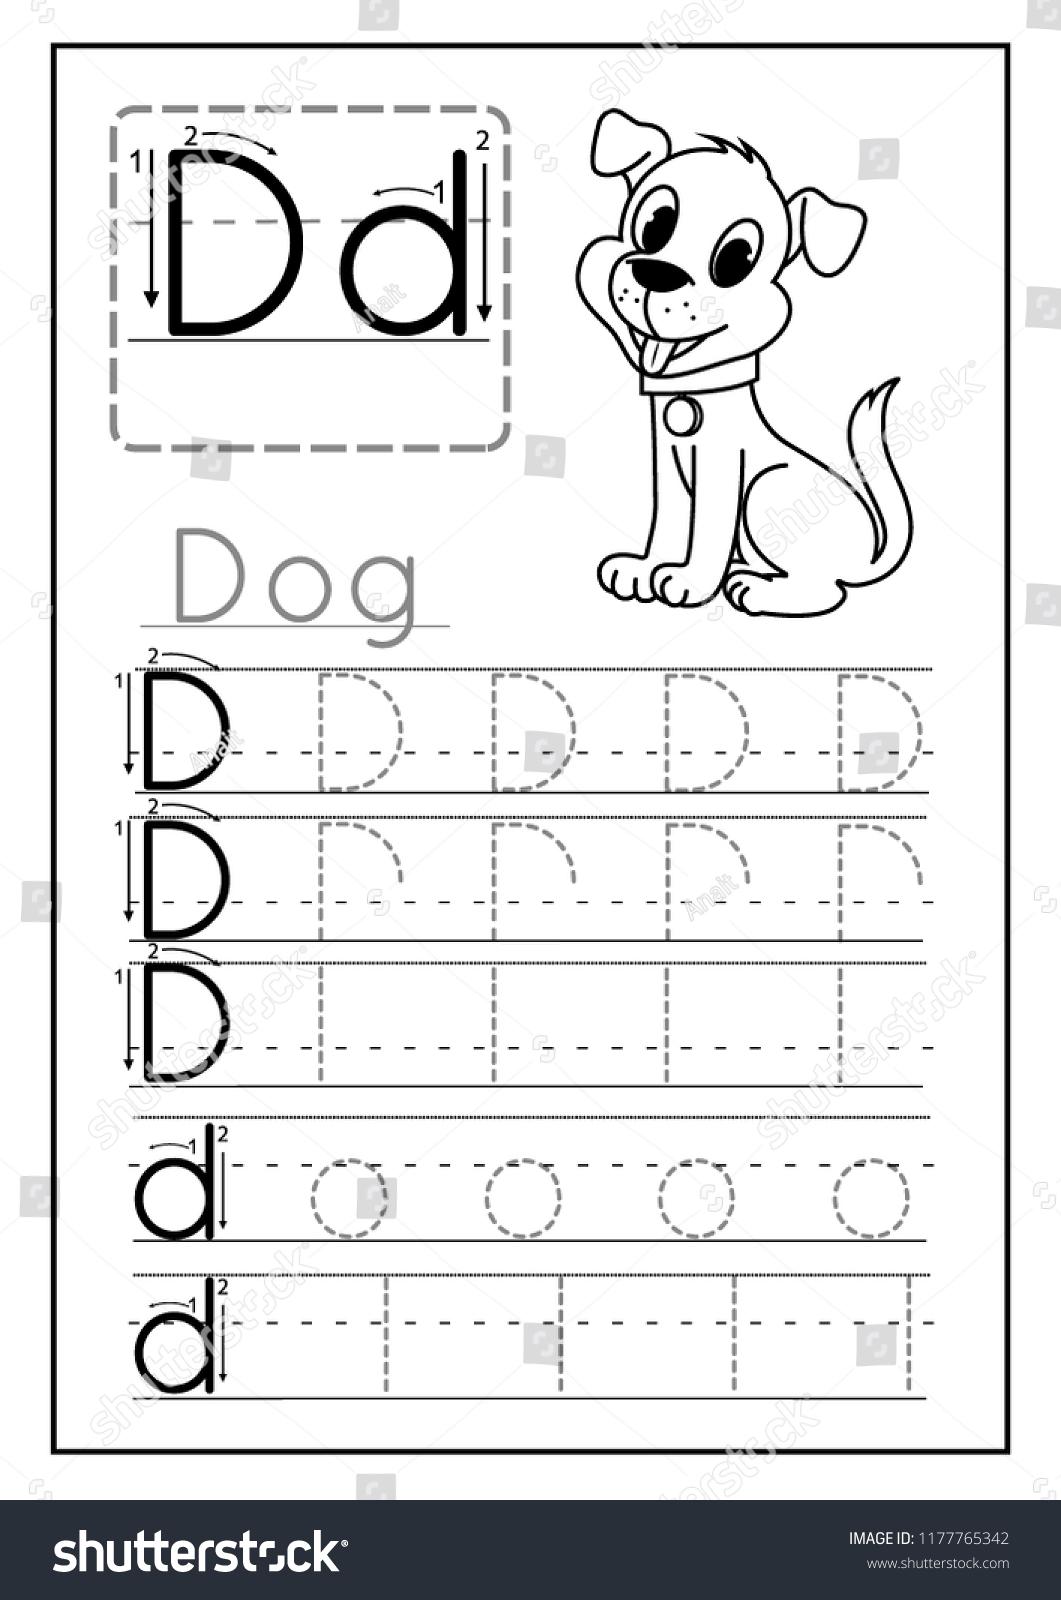 Preschool Worksheet Letter D